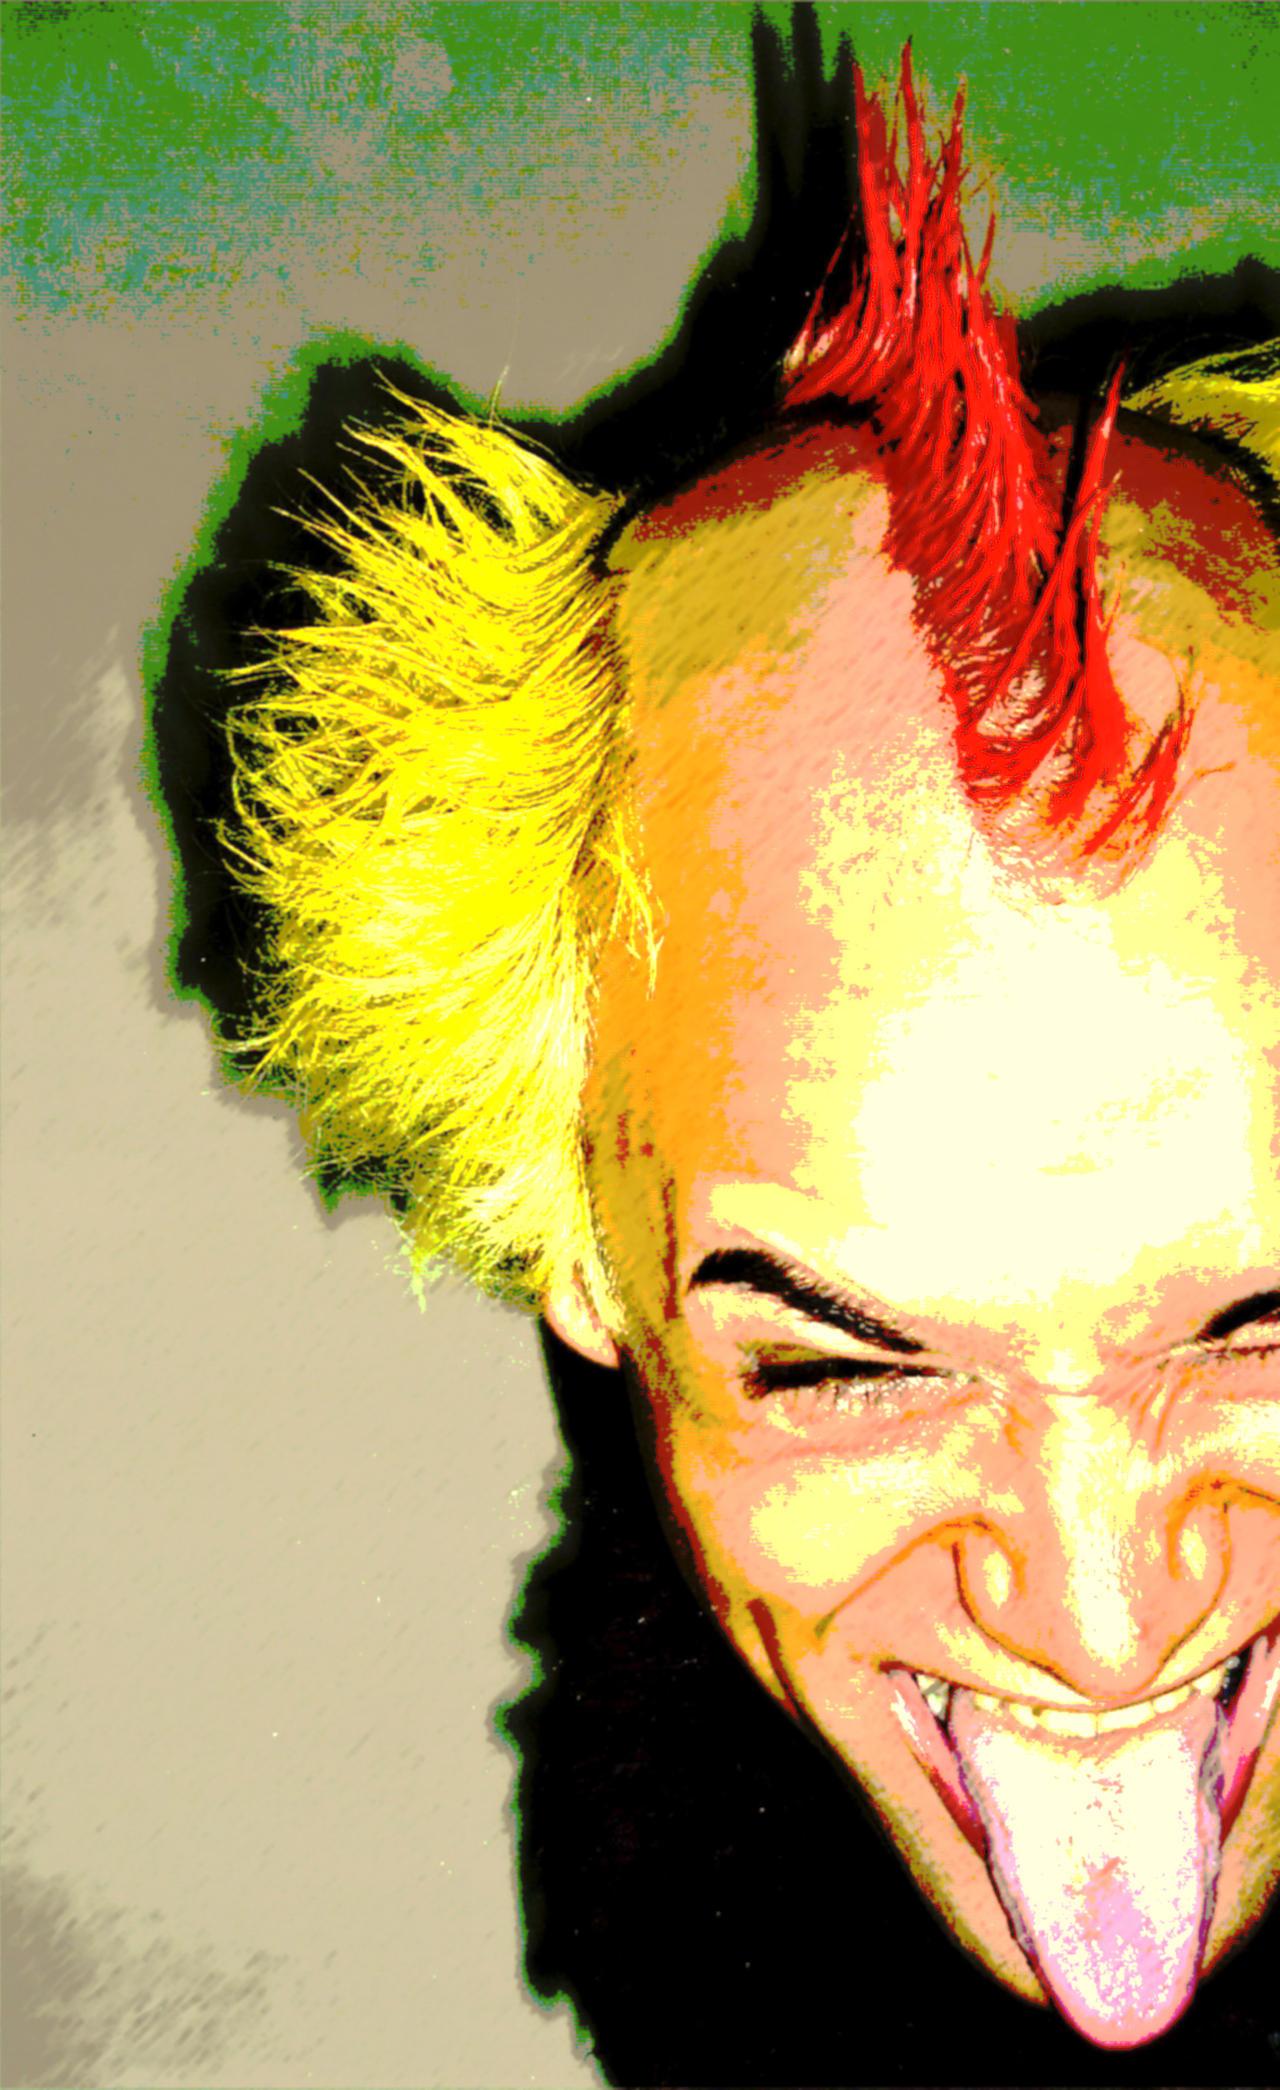 MushroomBrain's Profile Picture